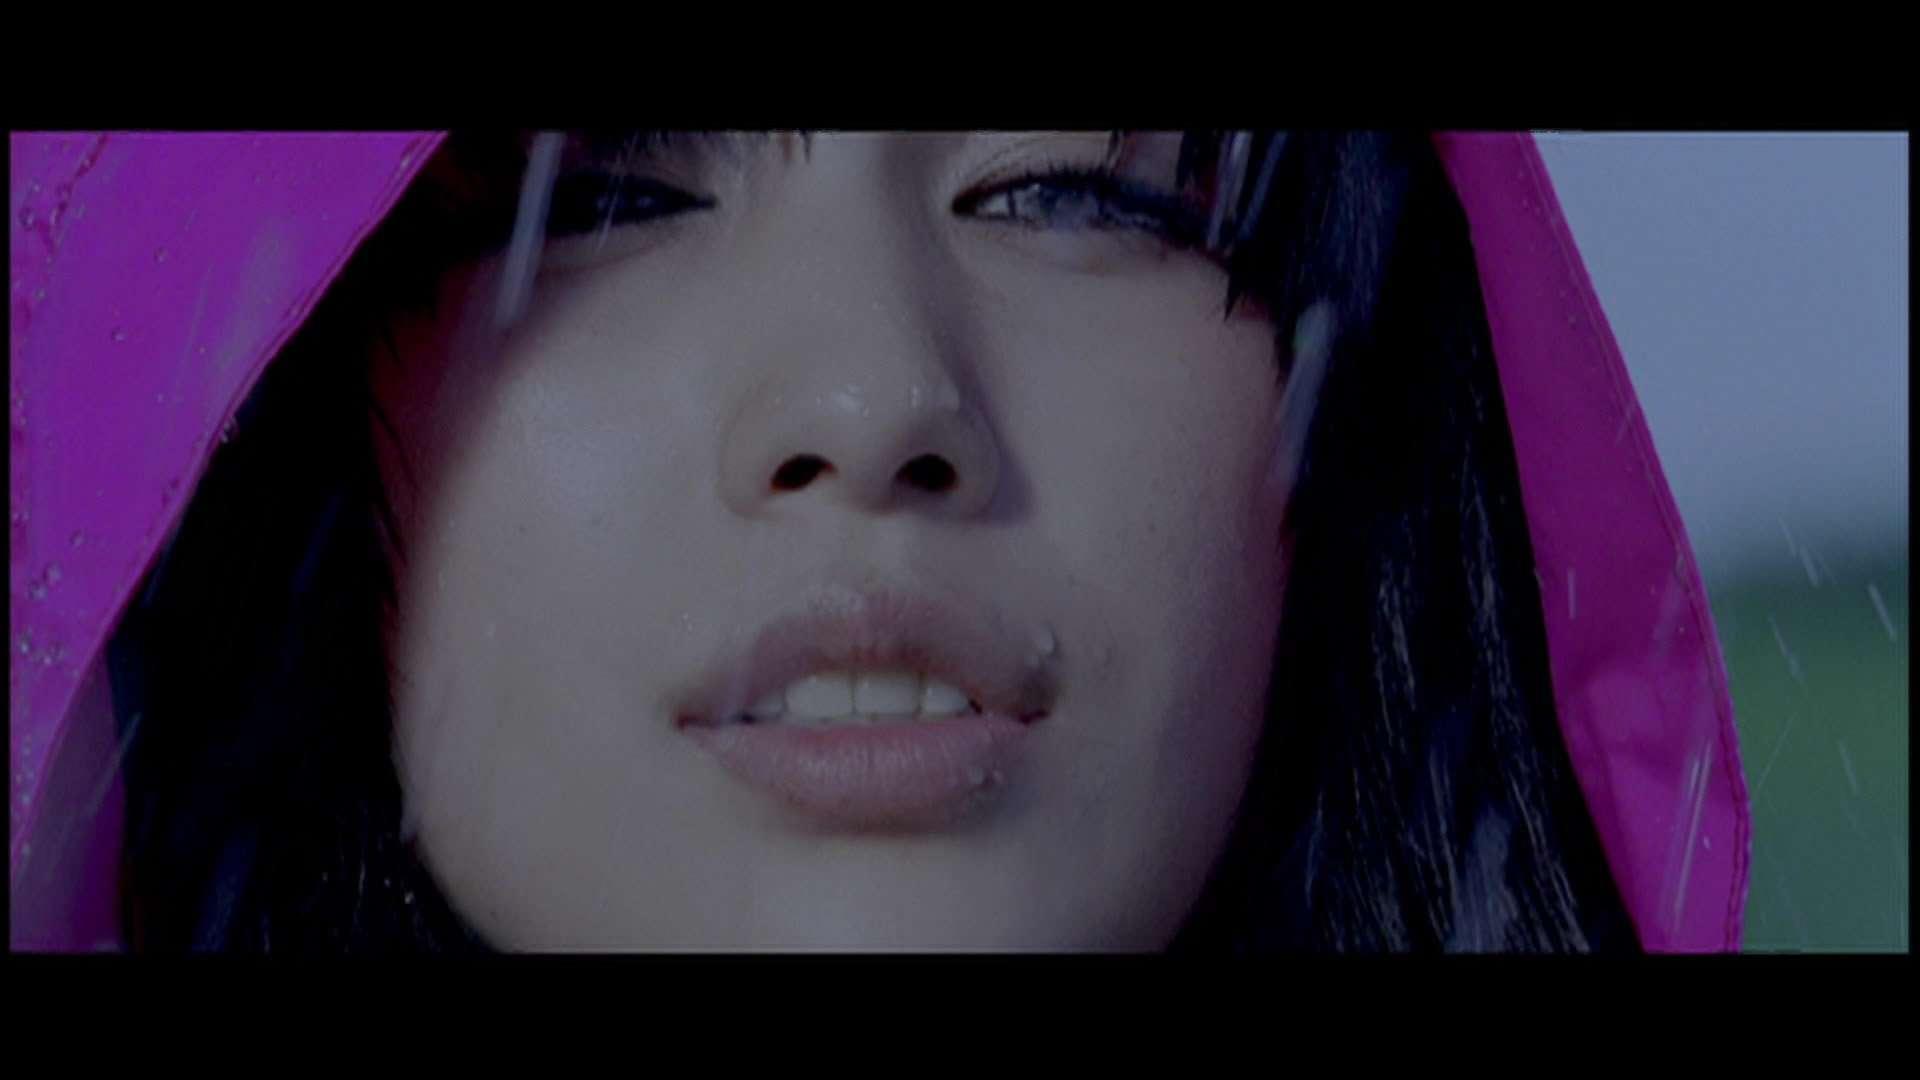 中島美嘉 『【HD】LIFE( ショートver.)』 - YouTube